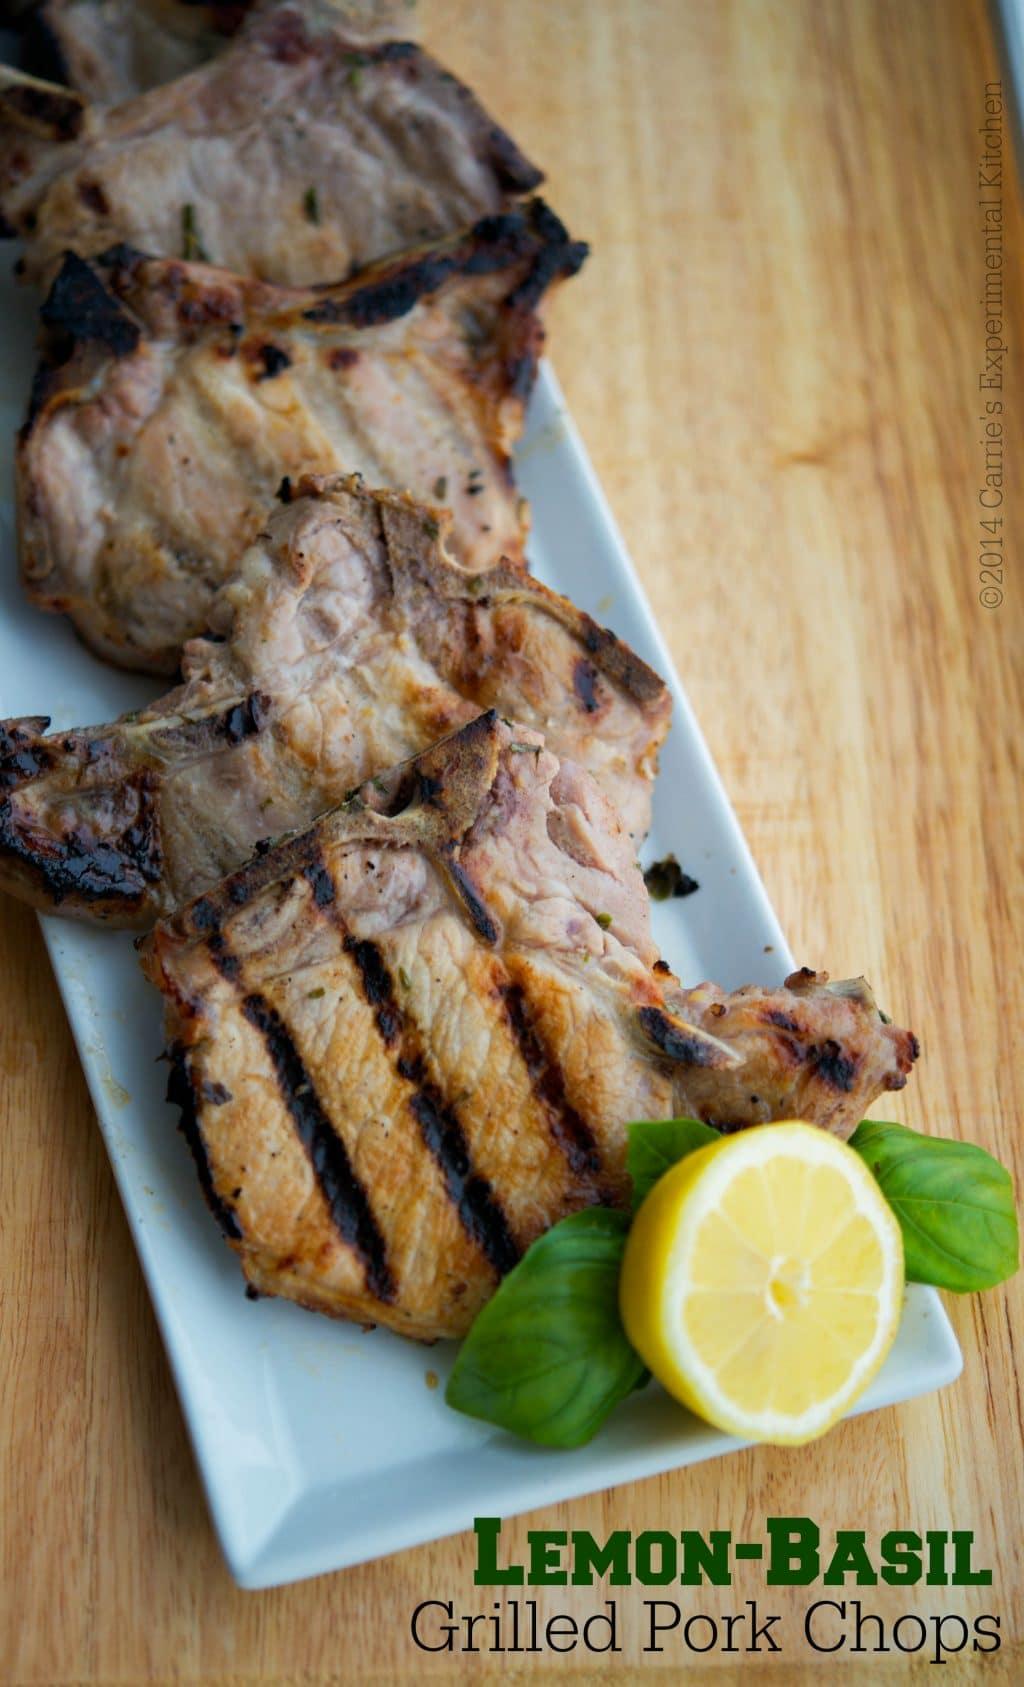 Lemon-Basil Grilled Pork Chops - Carrie's Experimental Kitchen